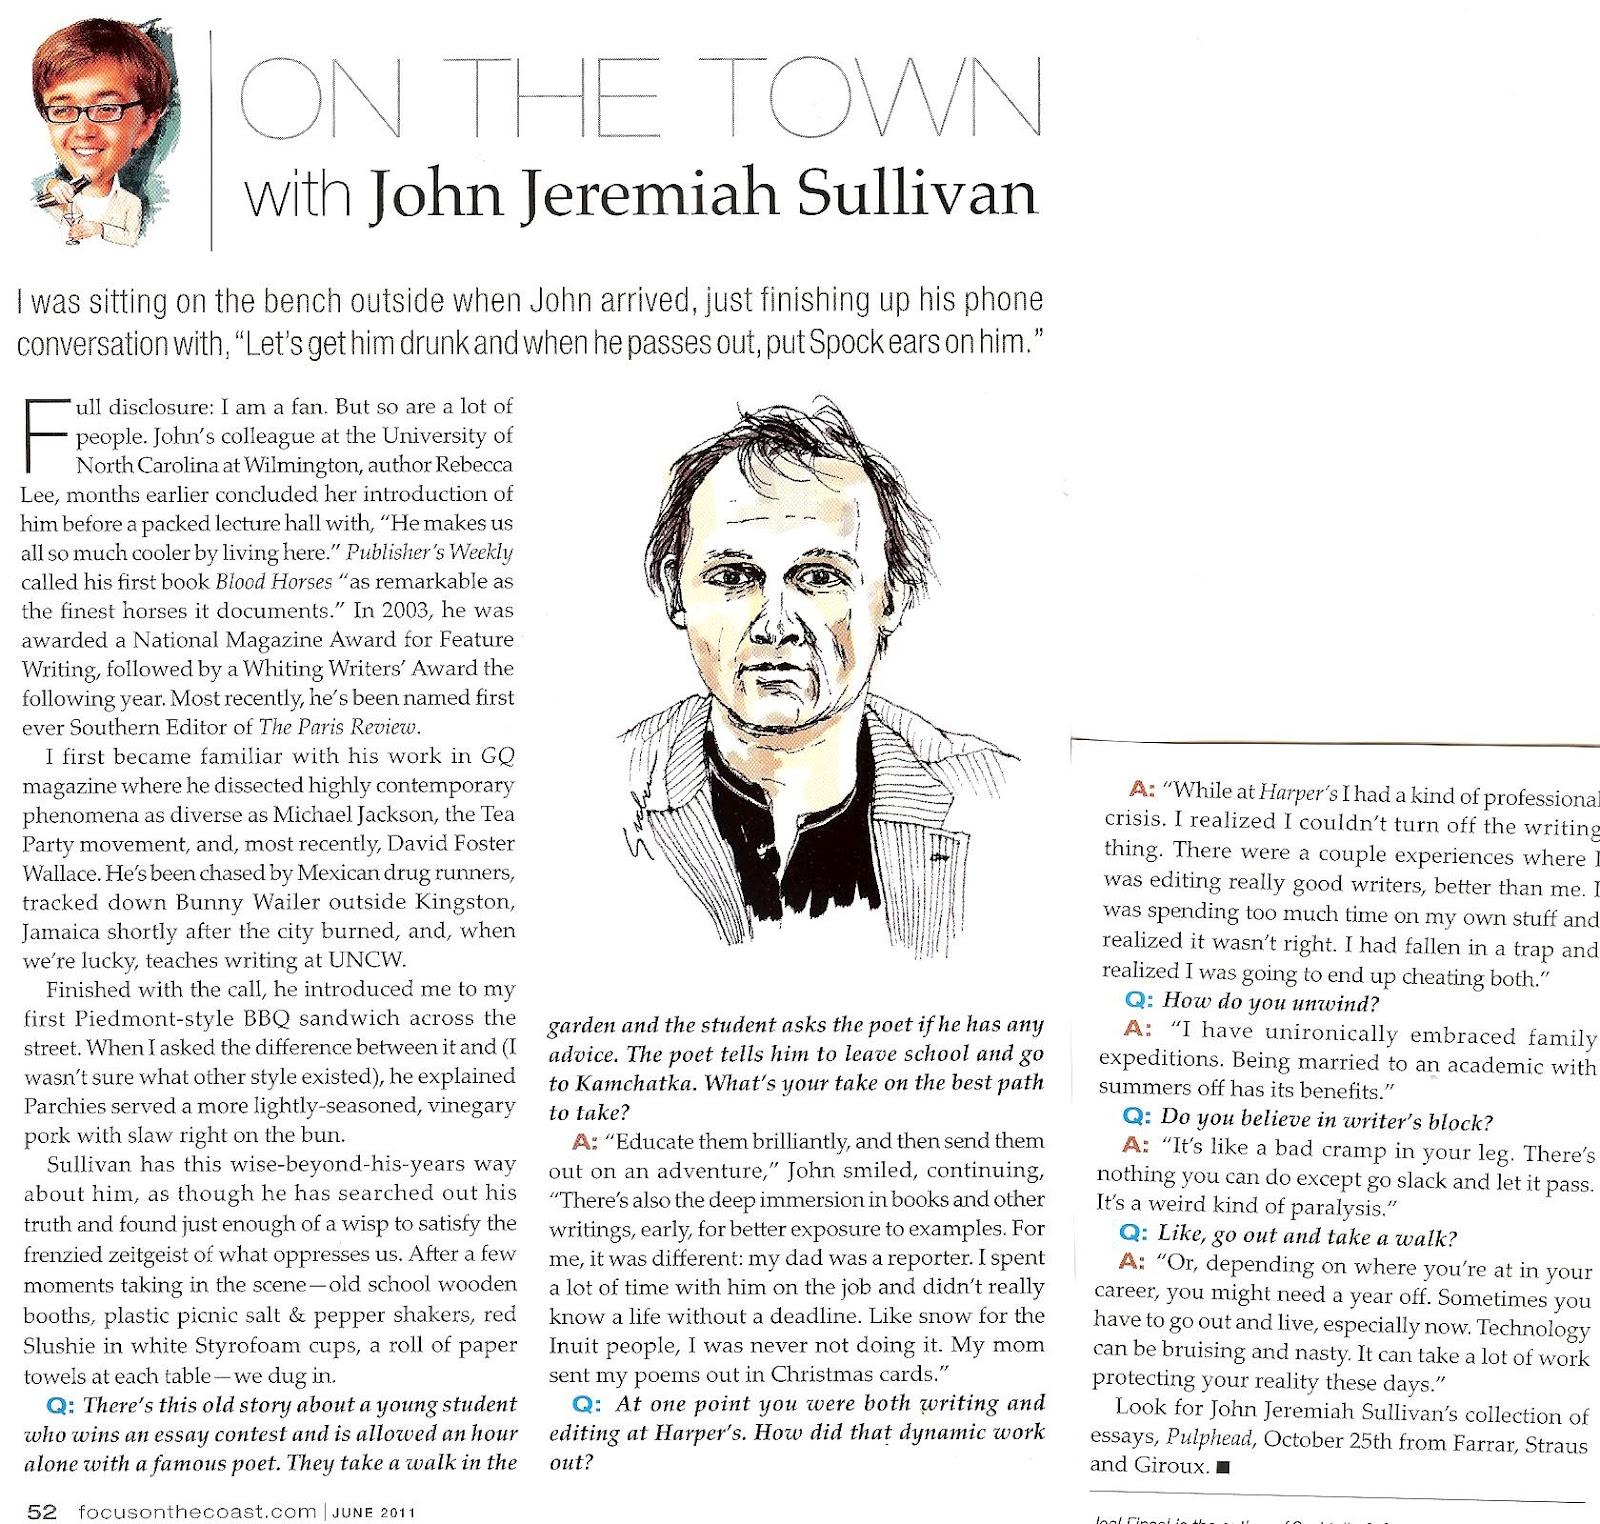 pulphead essays sullivan